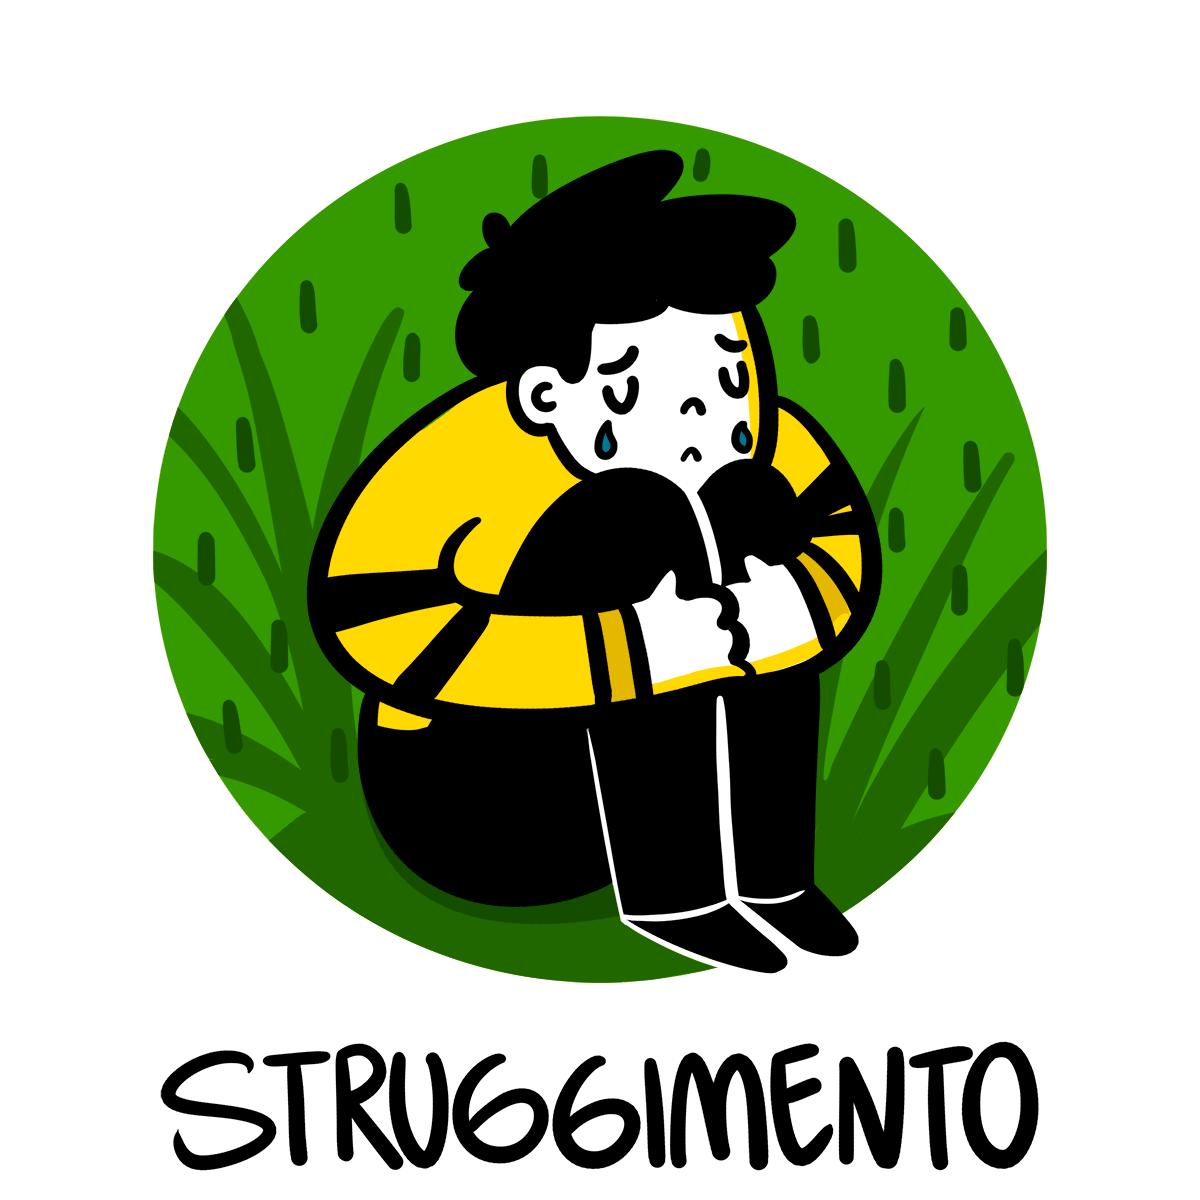 Le mot italien struggimento est très difficile à traduire en français